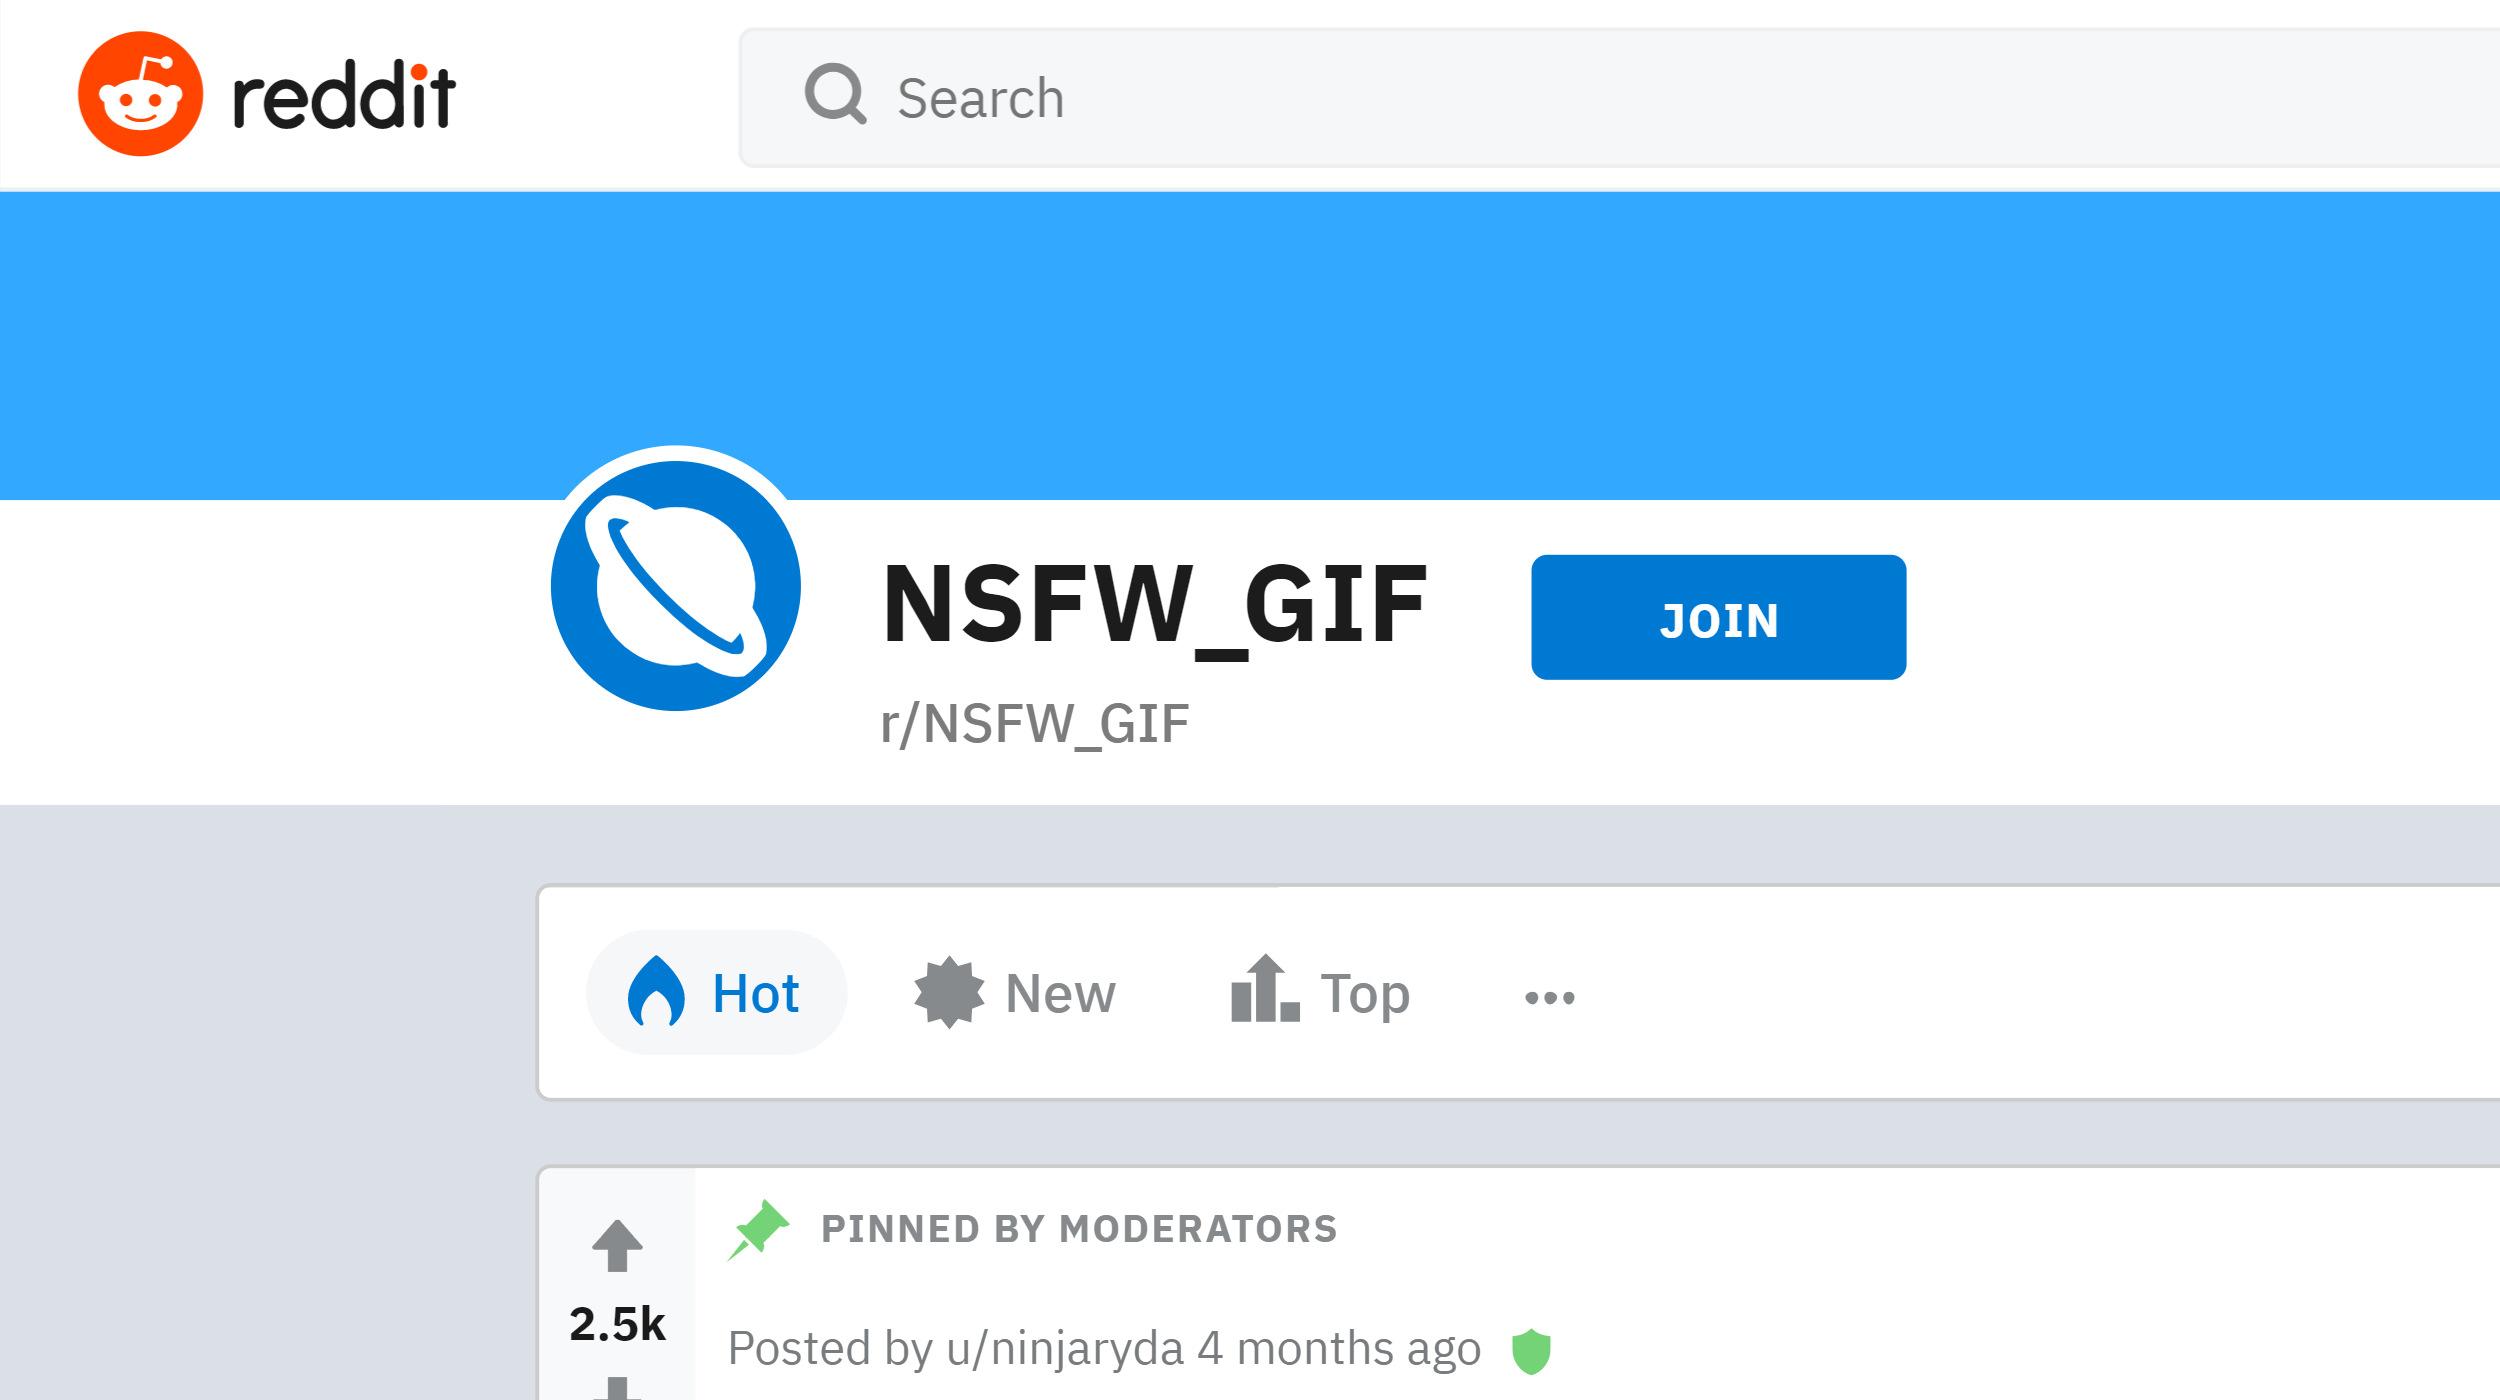 R/NSFW_GIF